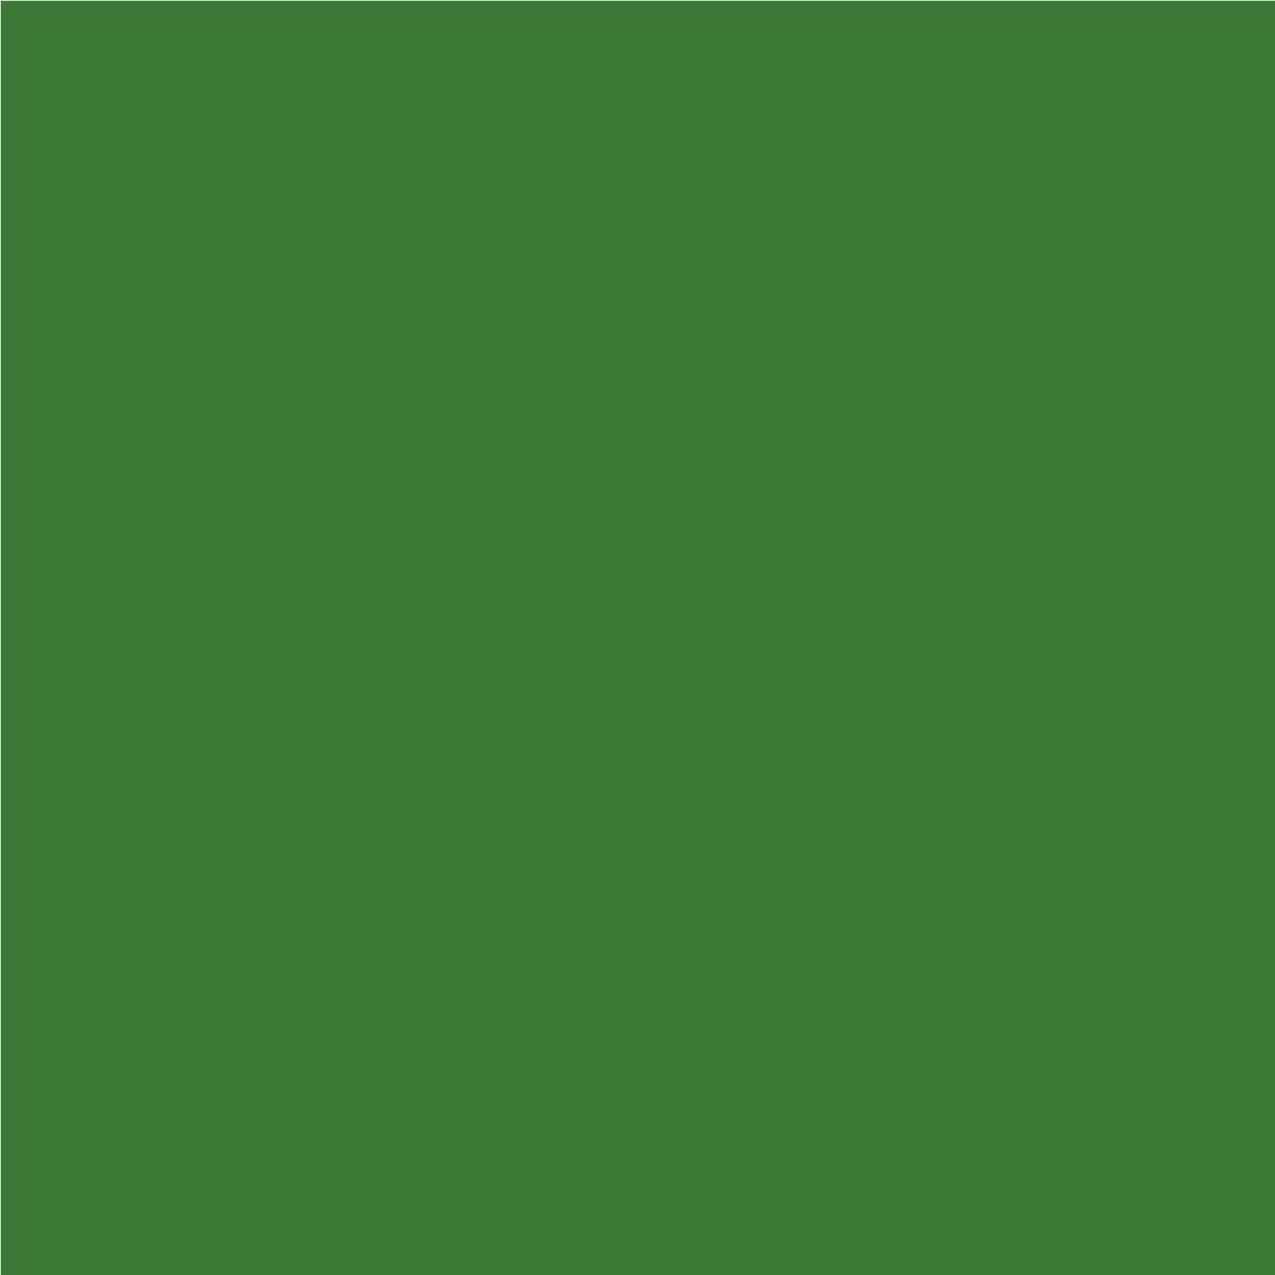 3d7a35 Logo Green.jpg